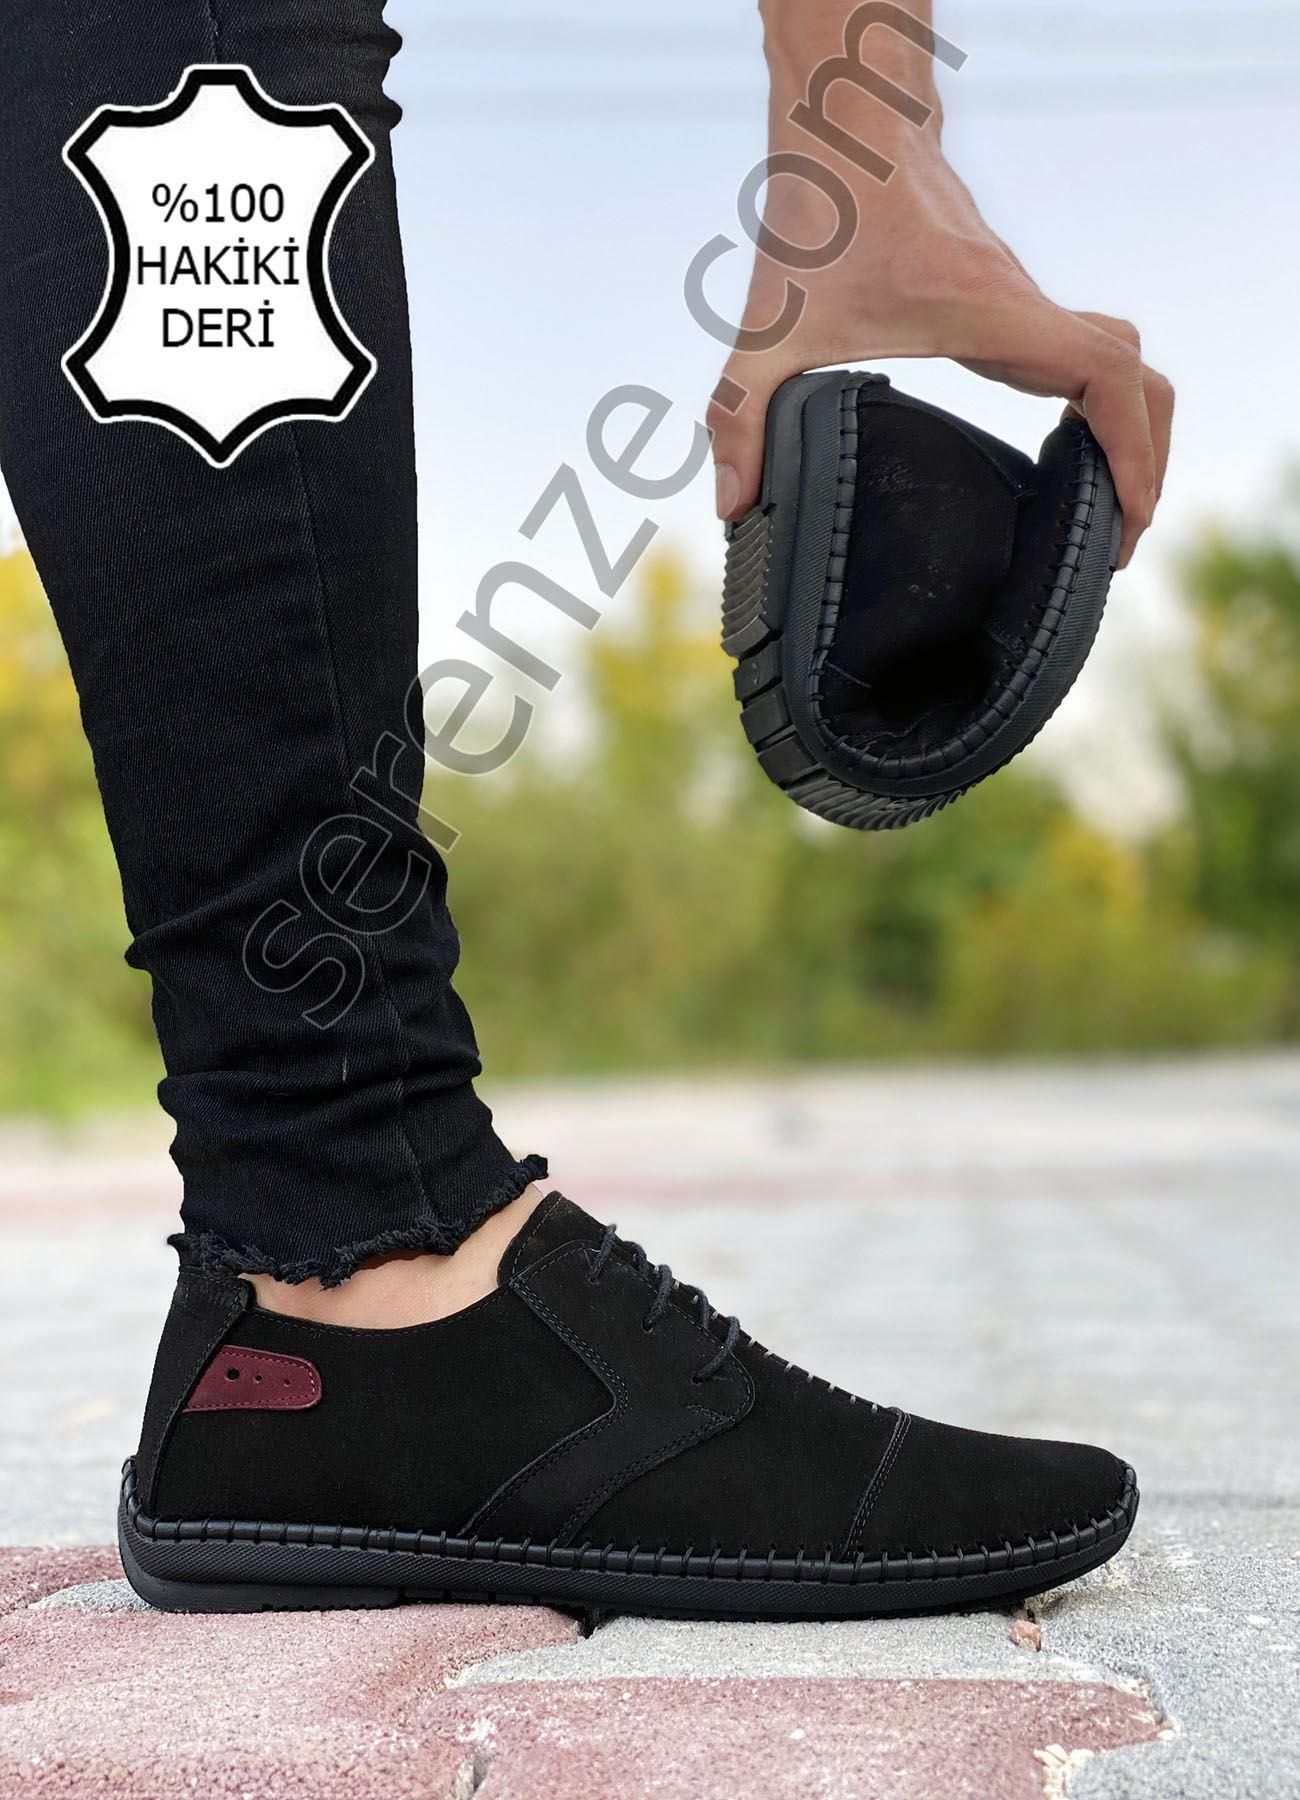 Siyah Hakiki Deri Çarık Model Rahat Erkek Günlük Ayakkabı